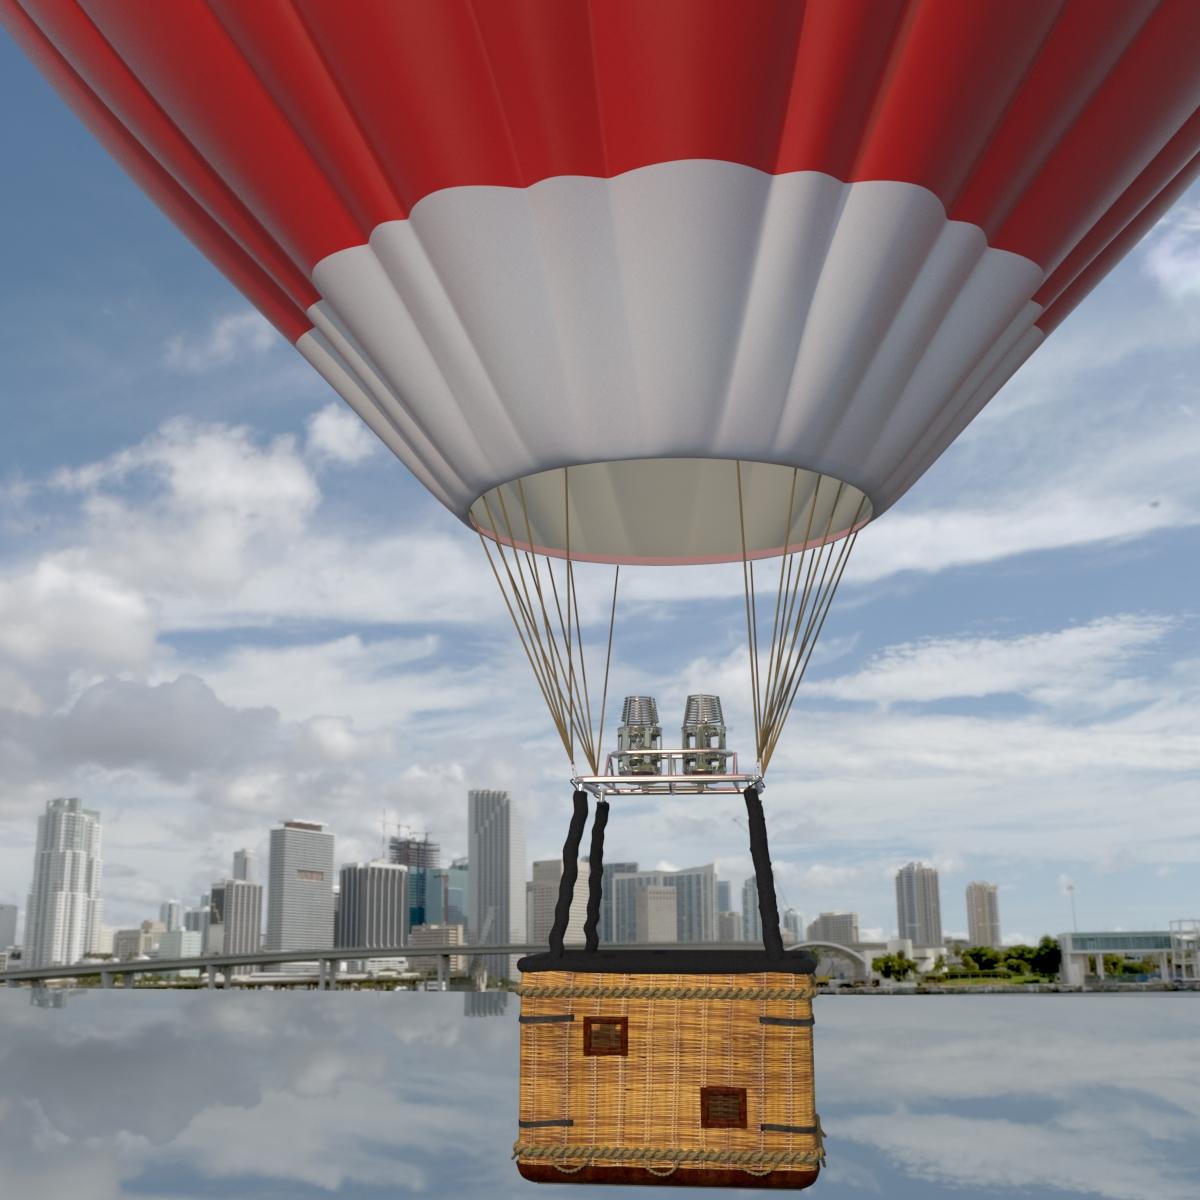 Balloon Hot Air by Experienceplus   3DOcean